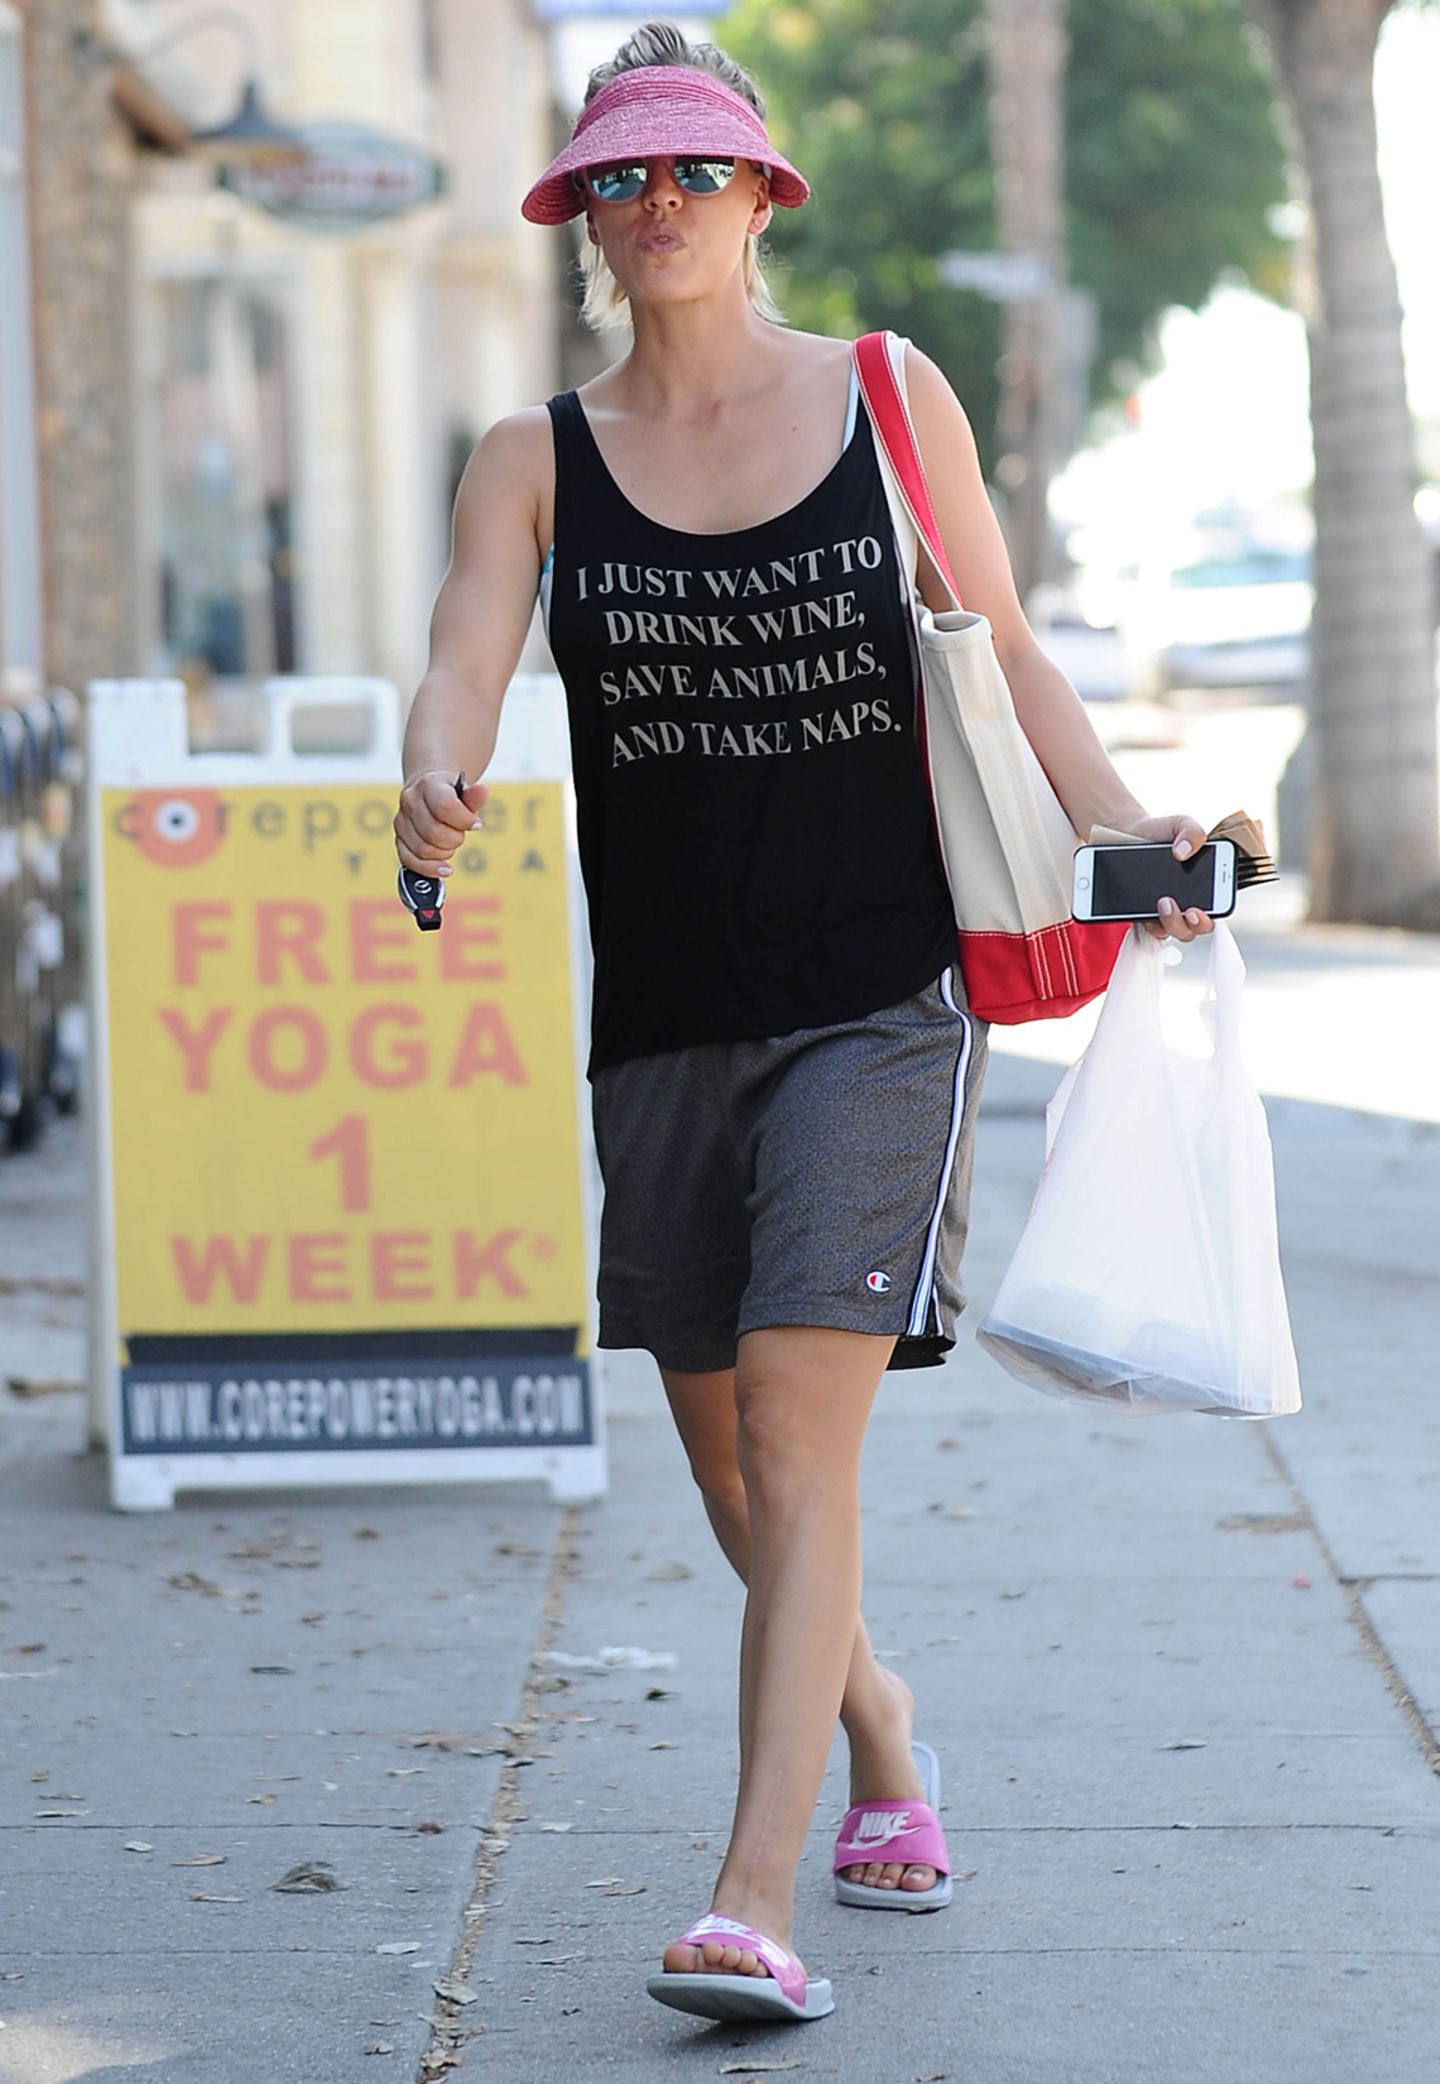 """Ebenso lässig wie ihr Outfit ist auch die Aussage des Motto-Shirts, das Kaley Cuoco beim Bummel durch Los Angeles trägt. """"Ich will einfach nur Wein trinken, Tiere retten und Nickerchen machen"""", steht in weißer Schrift darauf."""